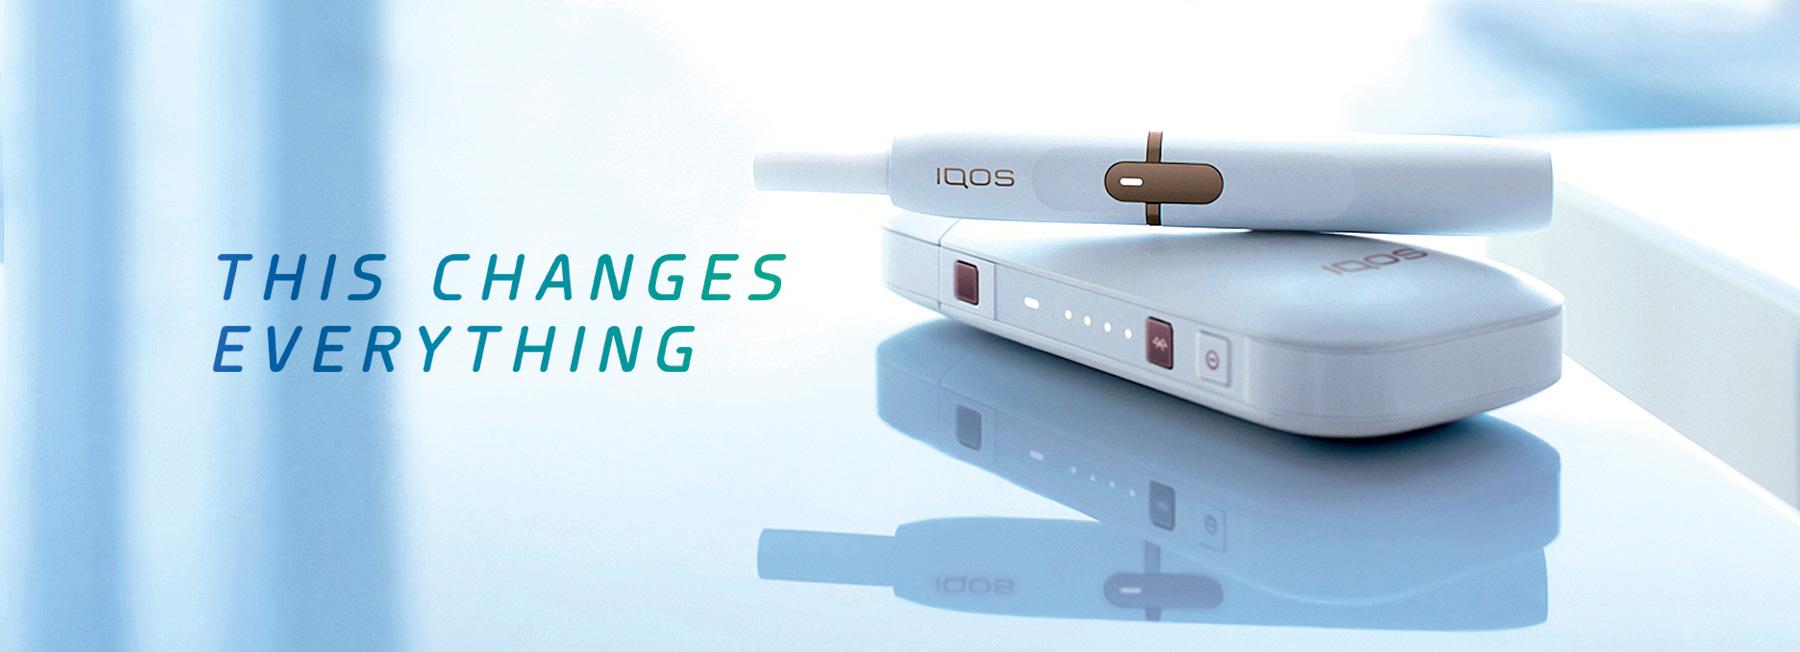 Philip Morris iQOS heated tobacco unit.